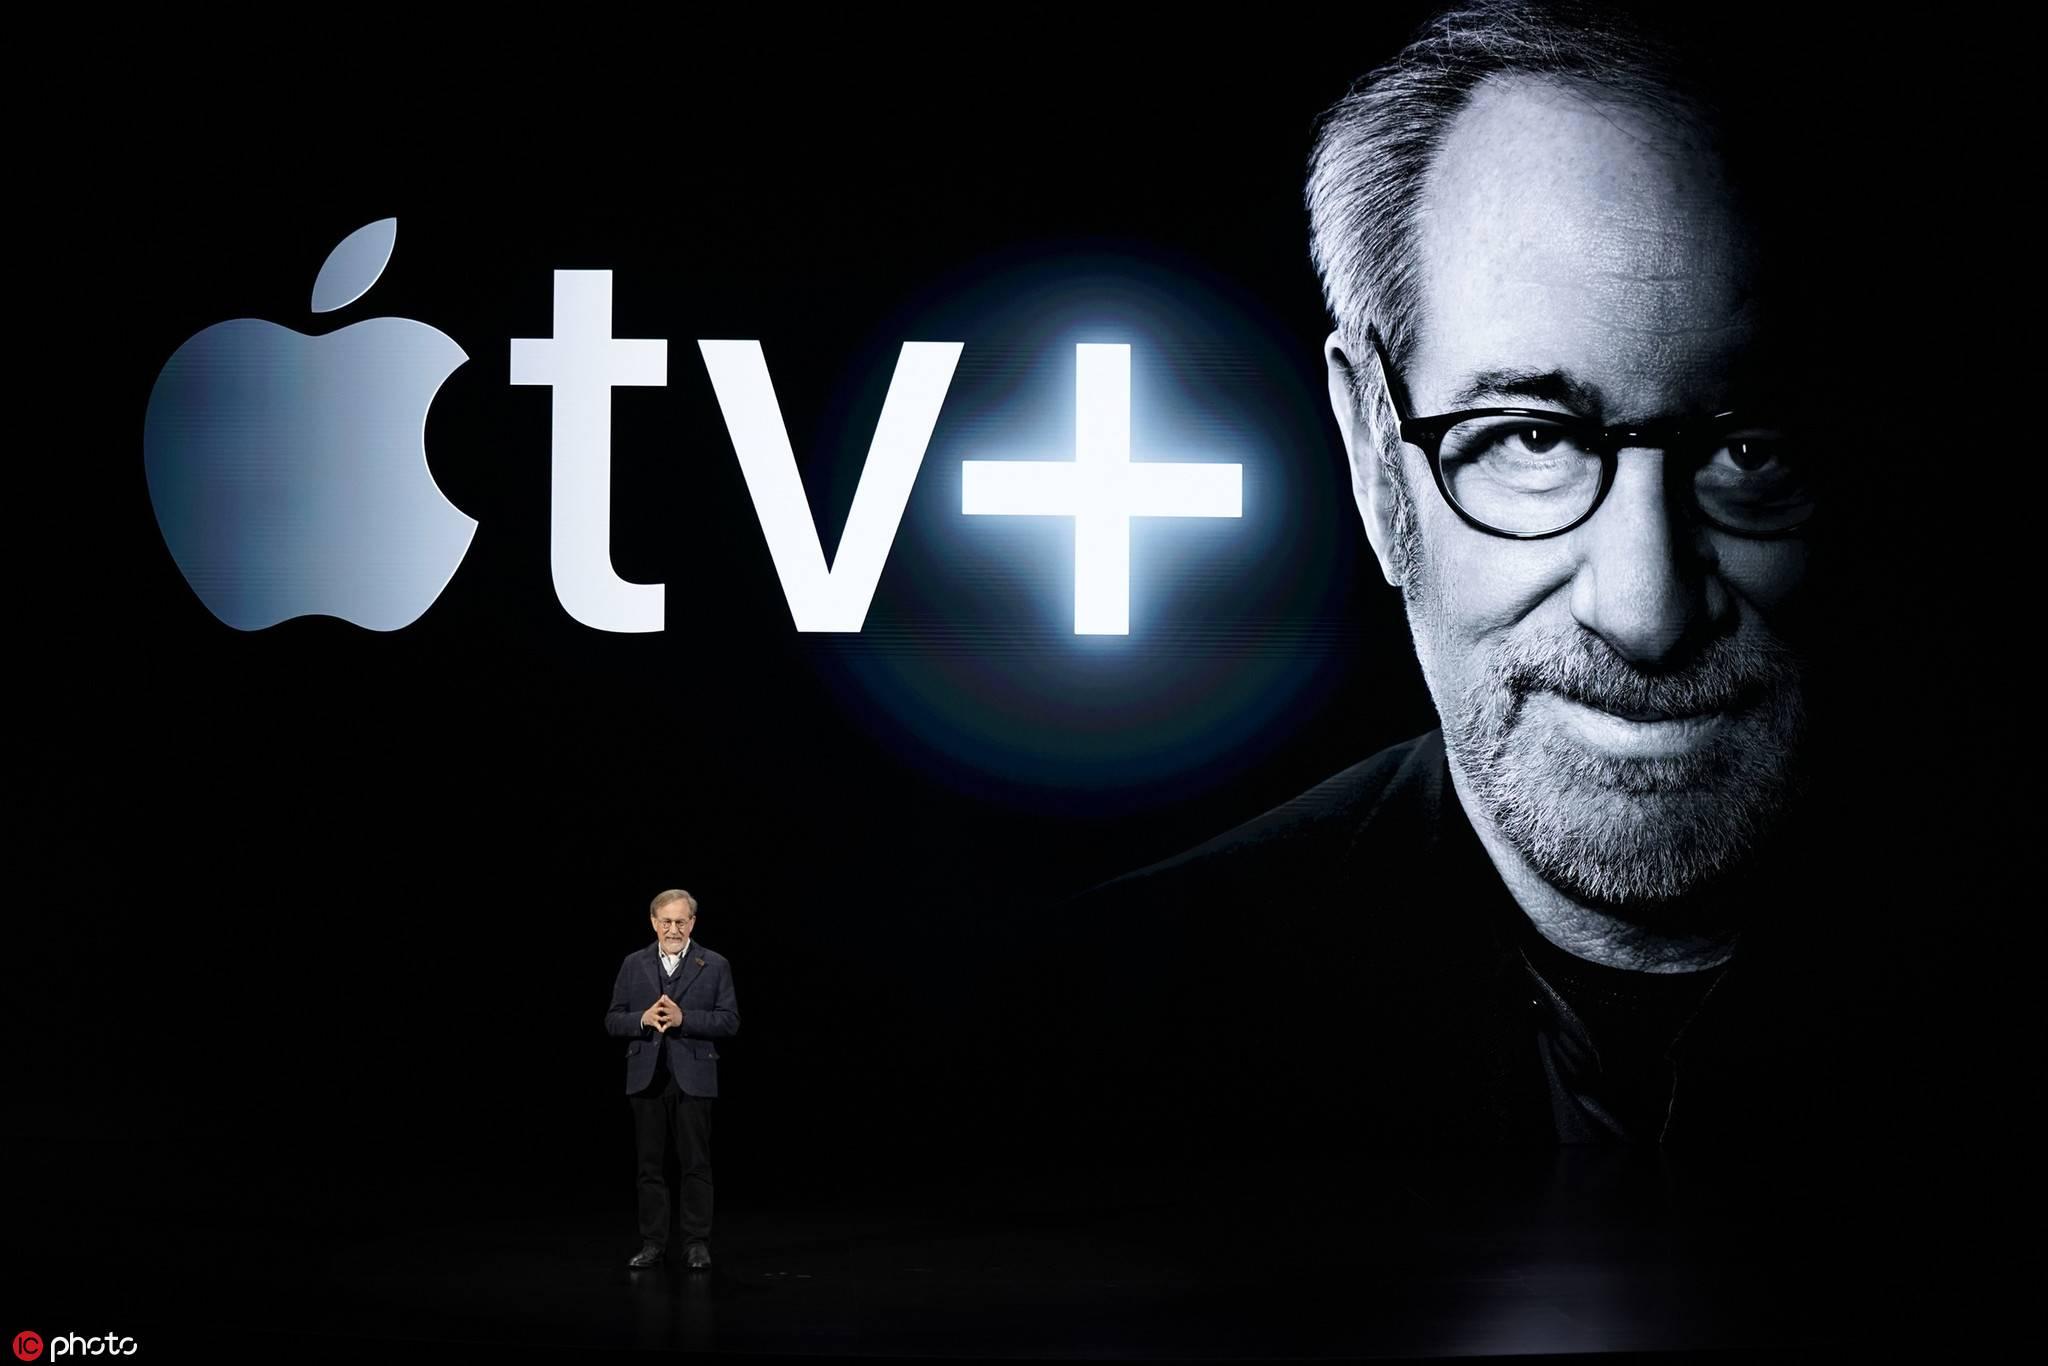 苹果,苹果,乔布斯,库克,Apple News,Apple Arcade,Apple Card,Apple TV+,苹果2019年春季发布